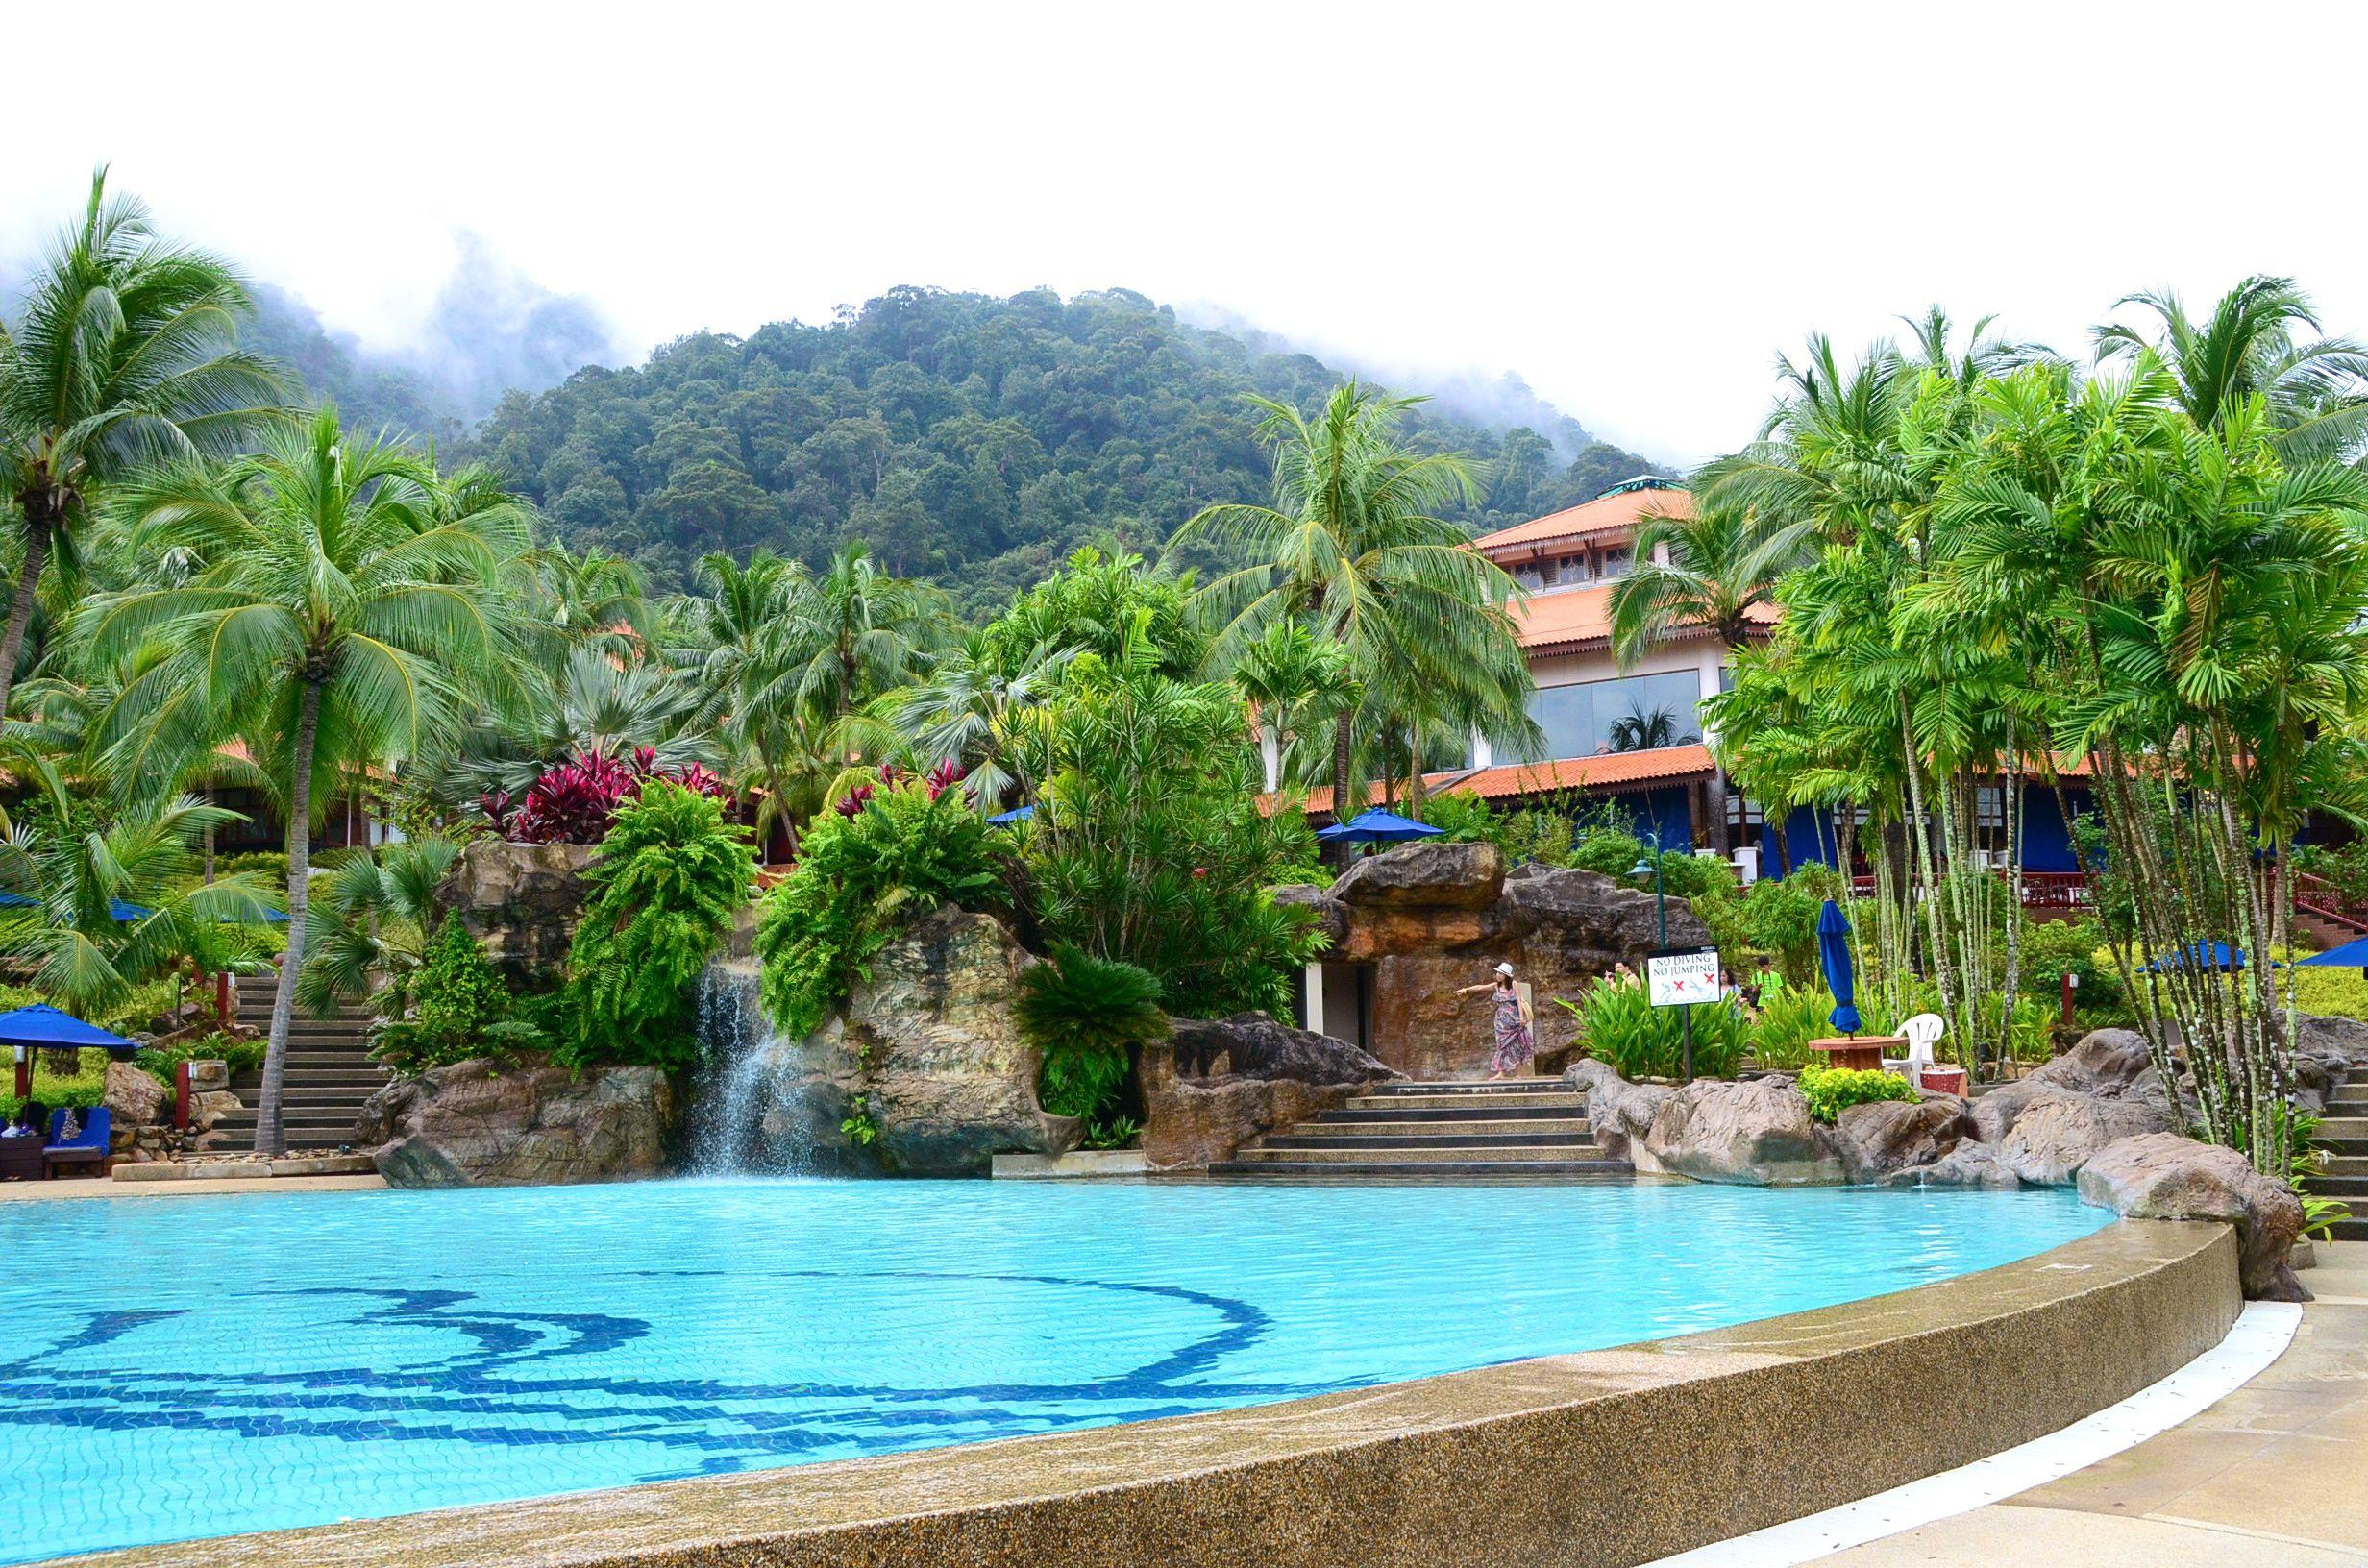 vom Strand– Bild von Berjaya Langkawi Resort - Malaysia, Langkawi ...